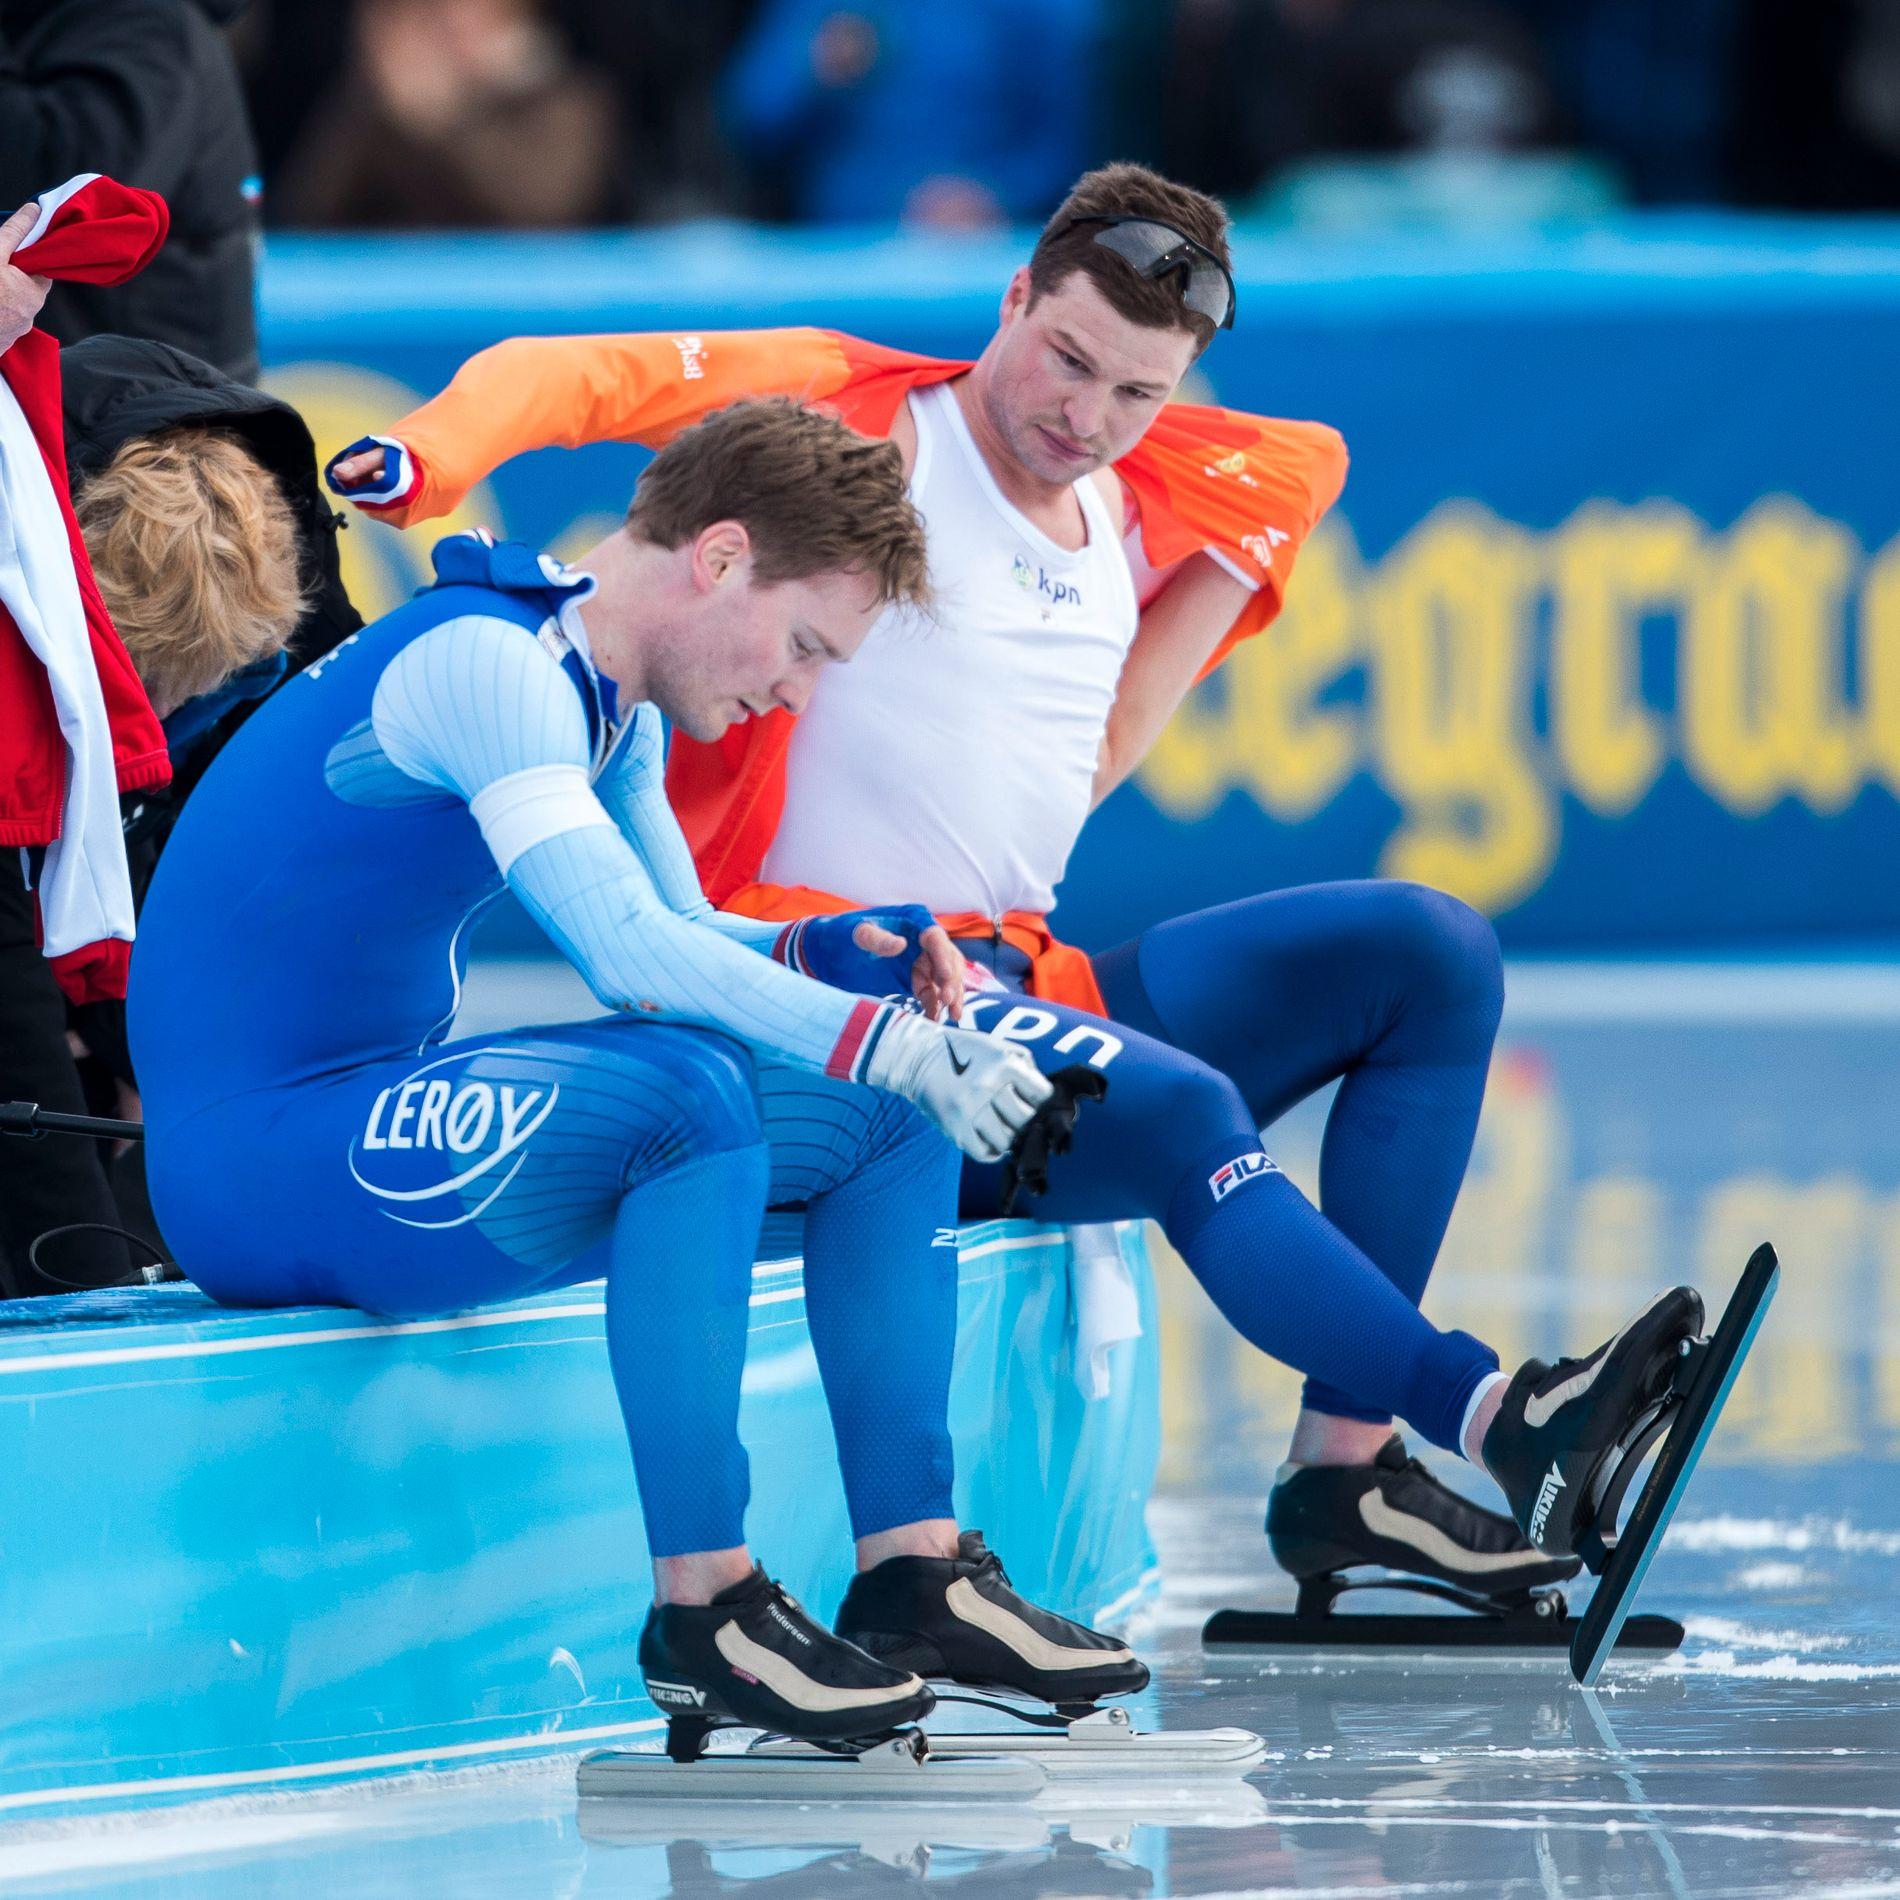 KONGELIG TRØST: Sven Kramer viser medfølelse overfor Sverre Lunde Pedersen etter at nordmannen i par med nederlenderen falt på 10.000-meteren og tapte gullmedaljen sammenlagt i allround-VM forrige sesong.